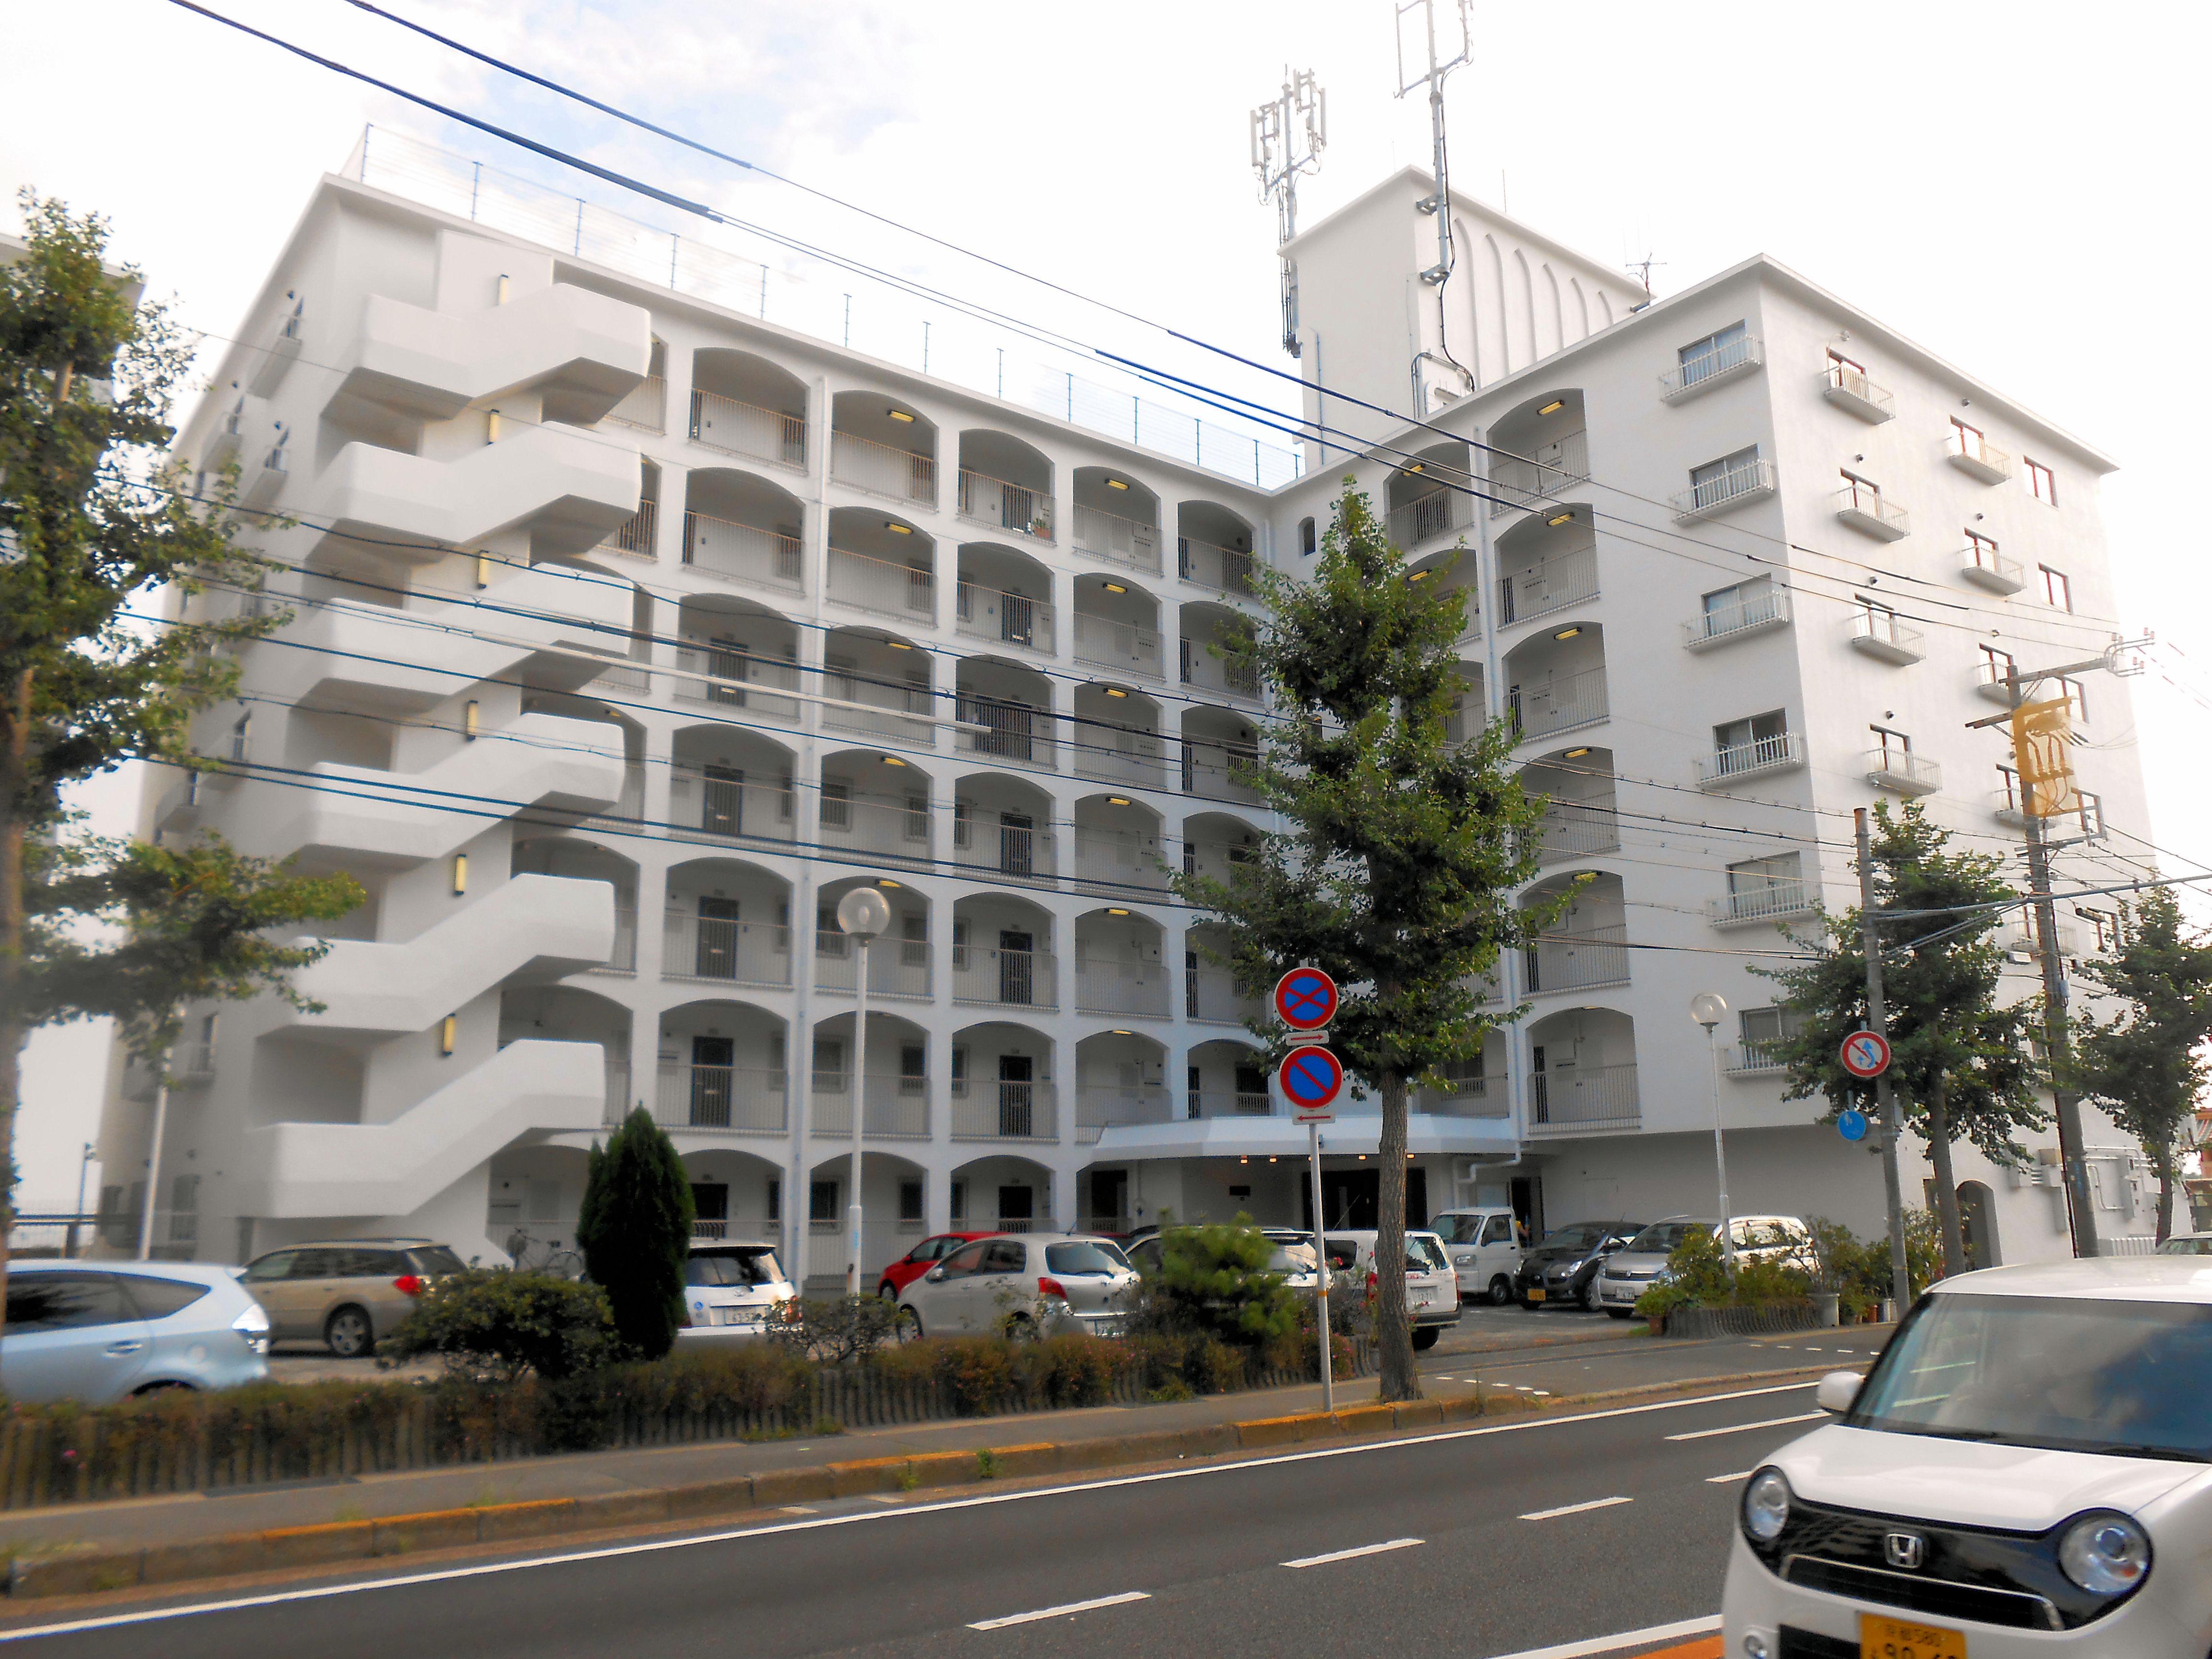 第2シーサイドパレス塩屋大規模修繕工事(兵庫県神戸市)